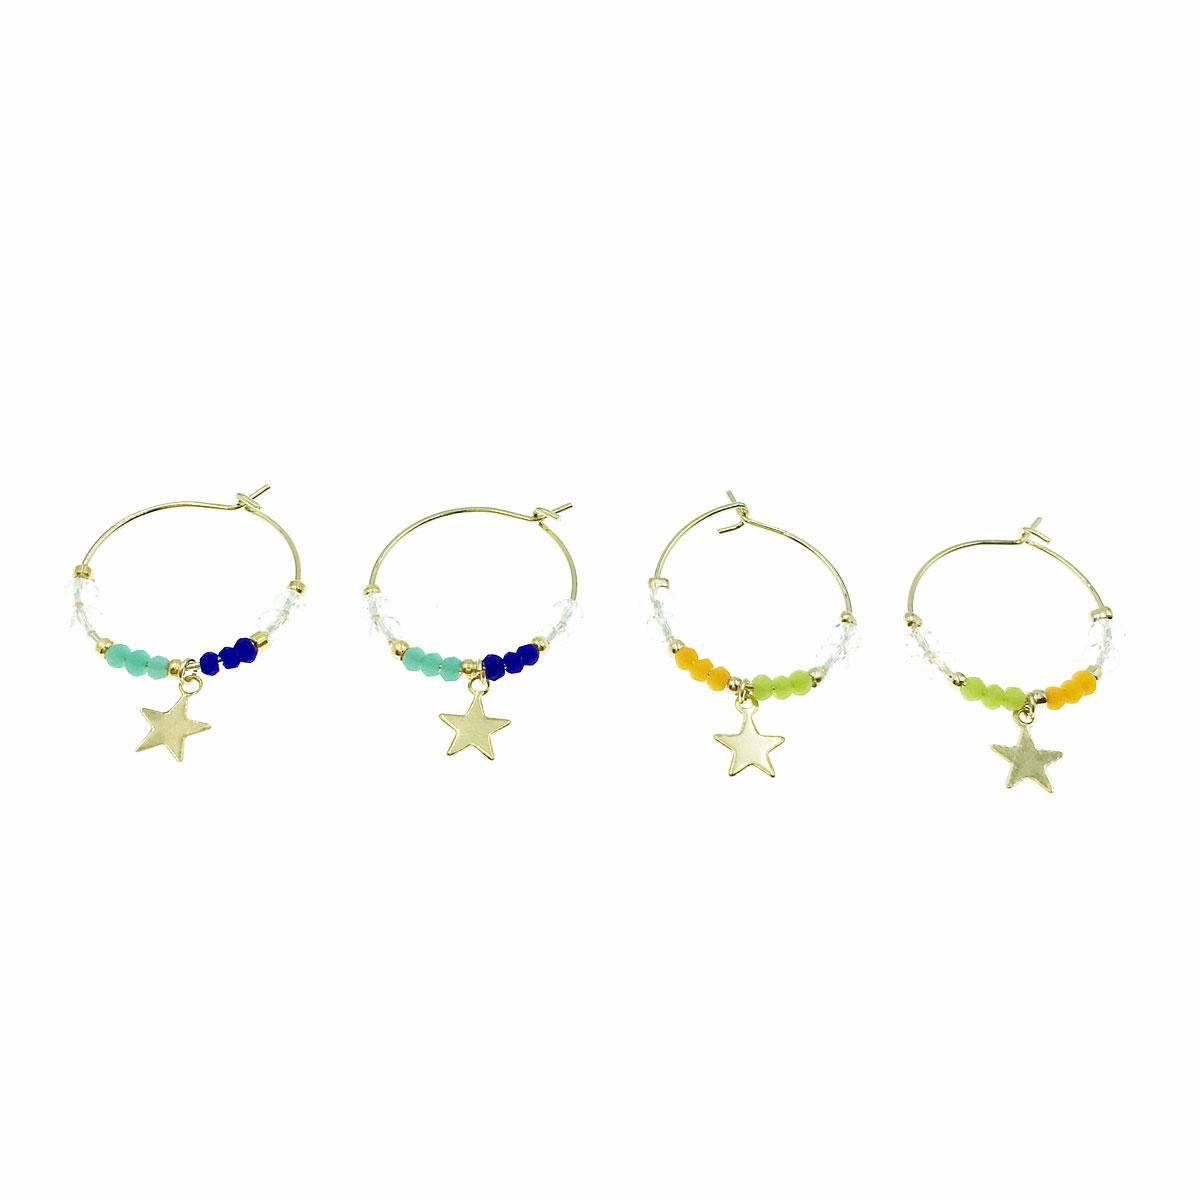 韓國 星星 珠珠 彩珠 金邊 兩色 耳勾式 耳環